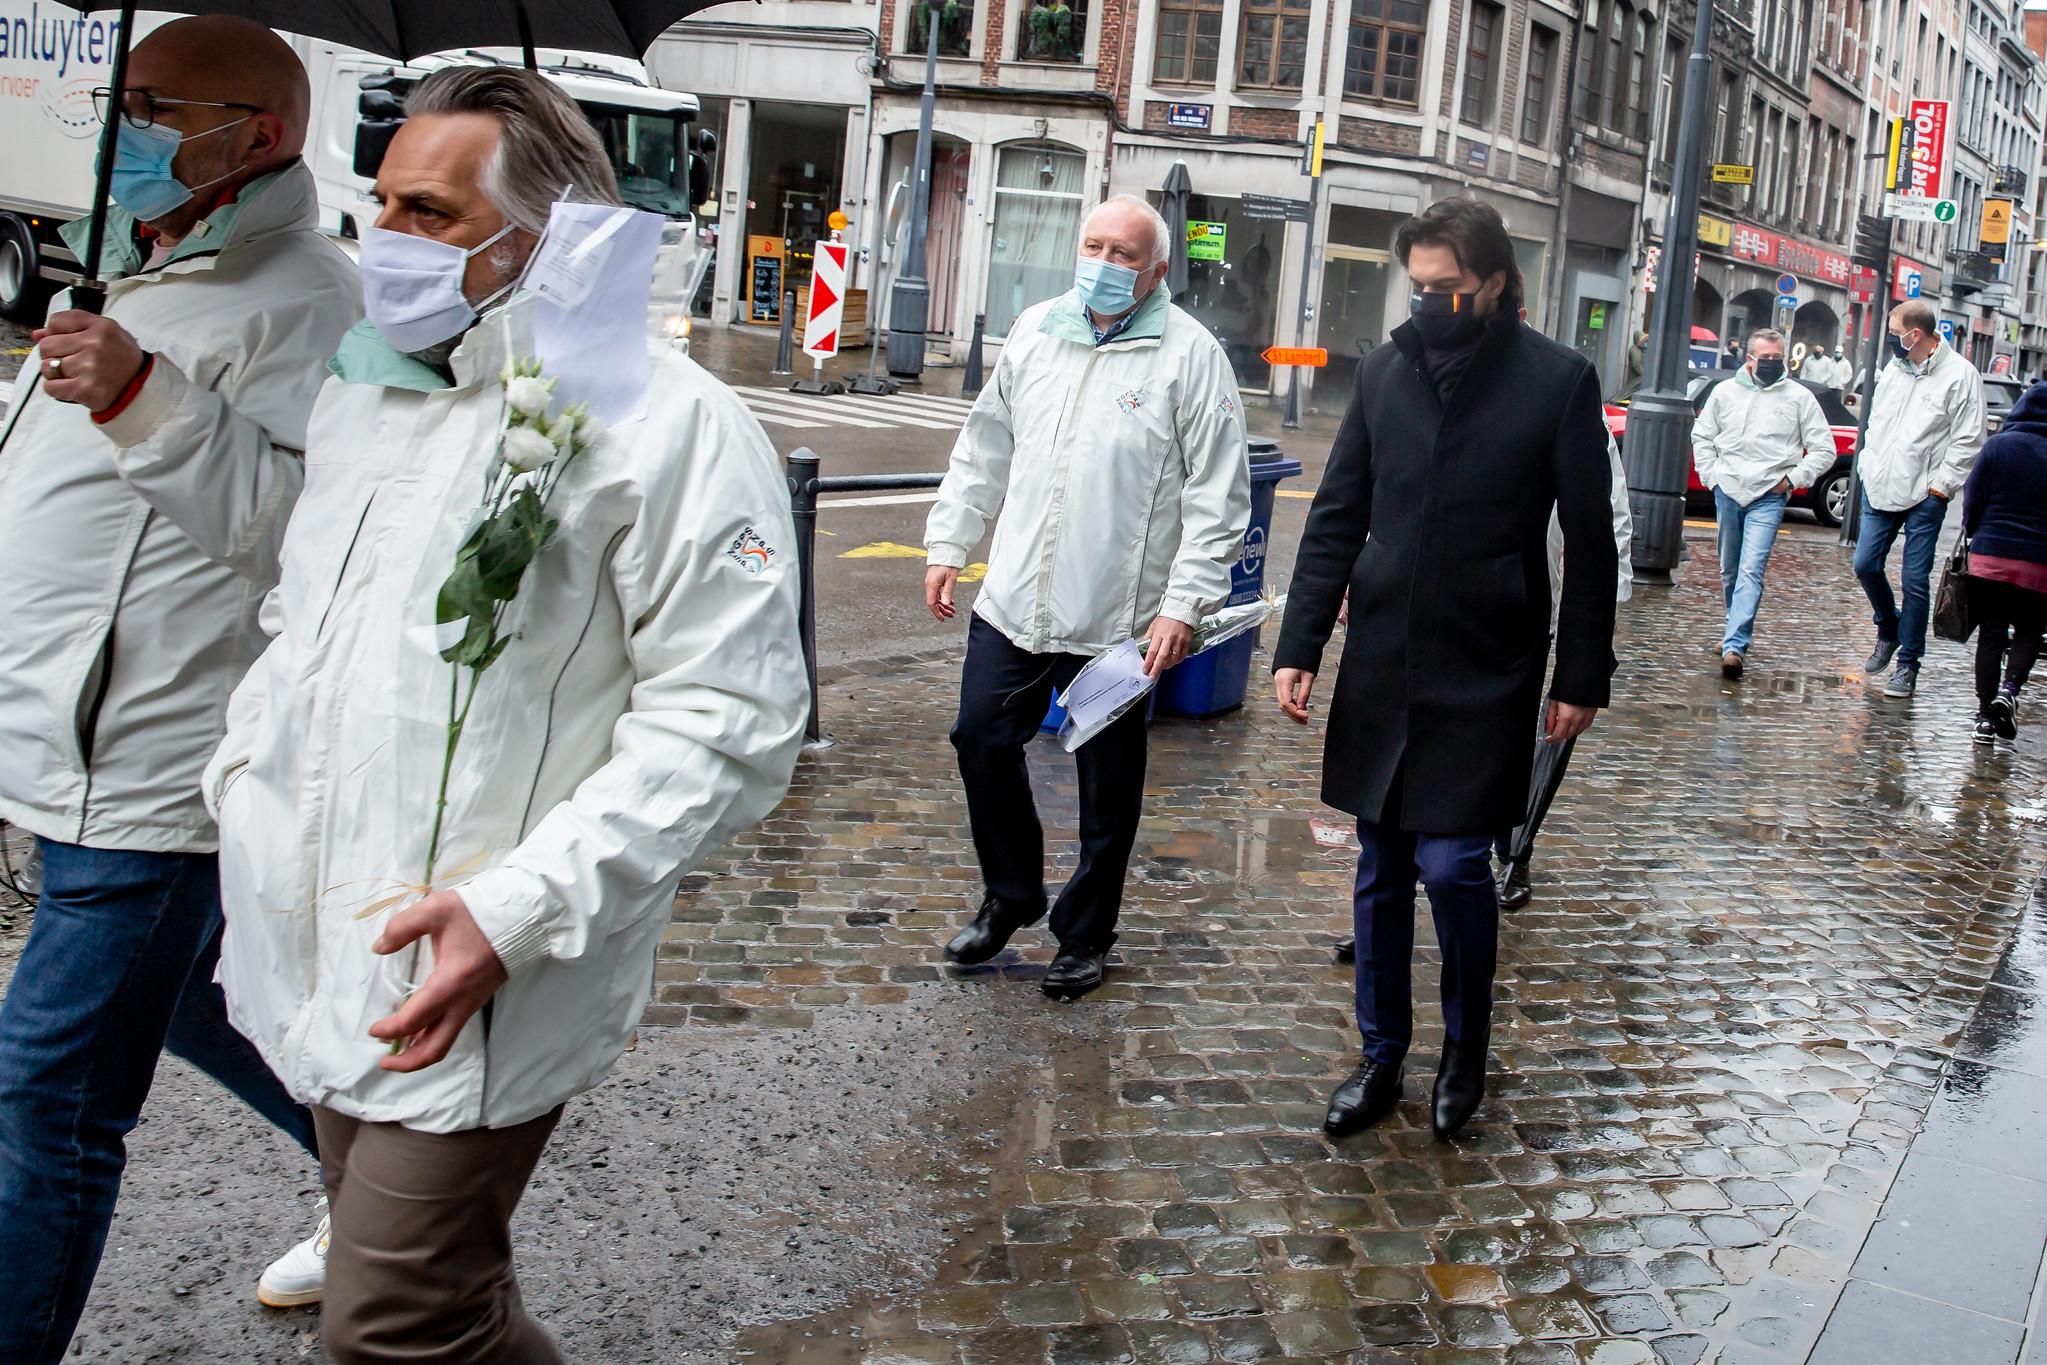 Le MR soutient l'action contre les violences envers les policiers et commerçants à Liège